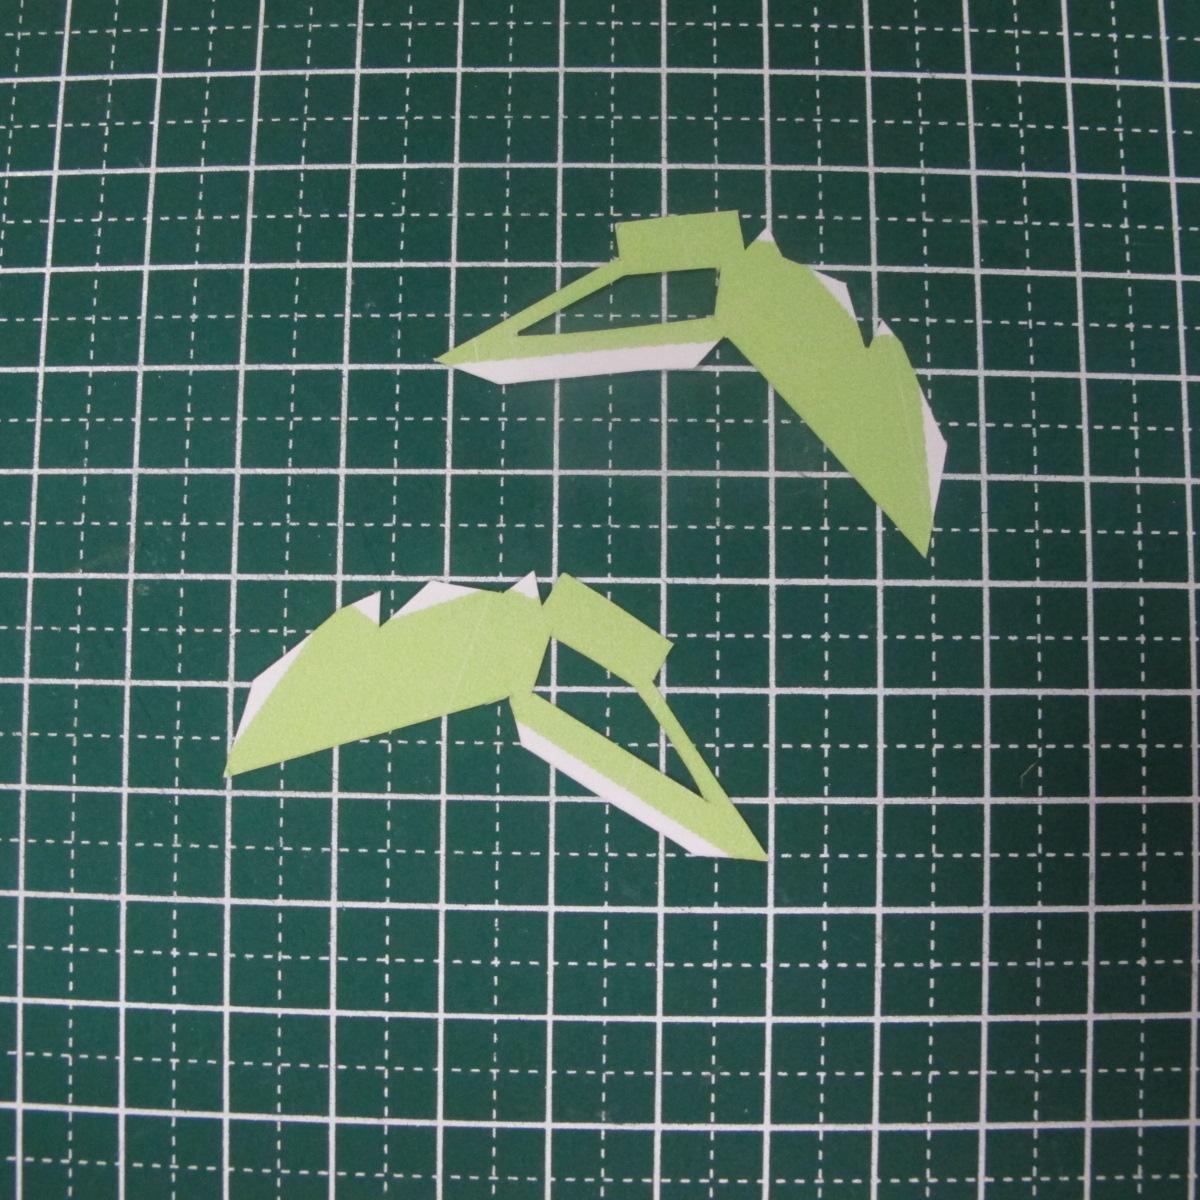 วิธีทำของเล่นโมเดลกระดาษรูปนก (Bird Paper craft ) 001